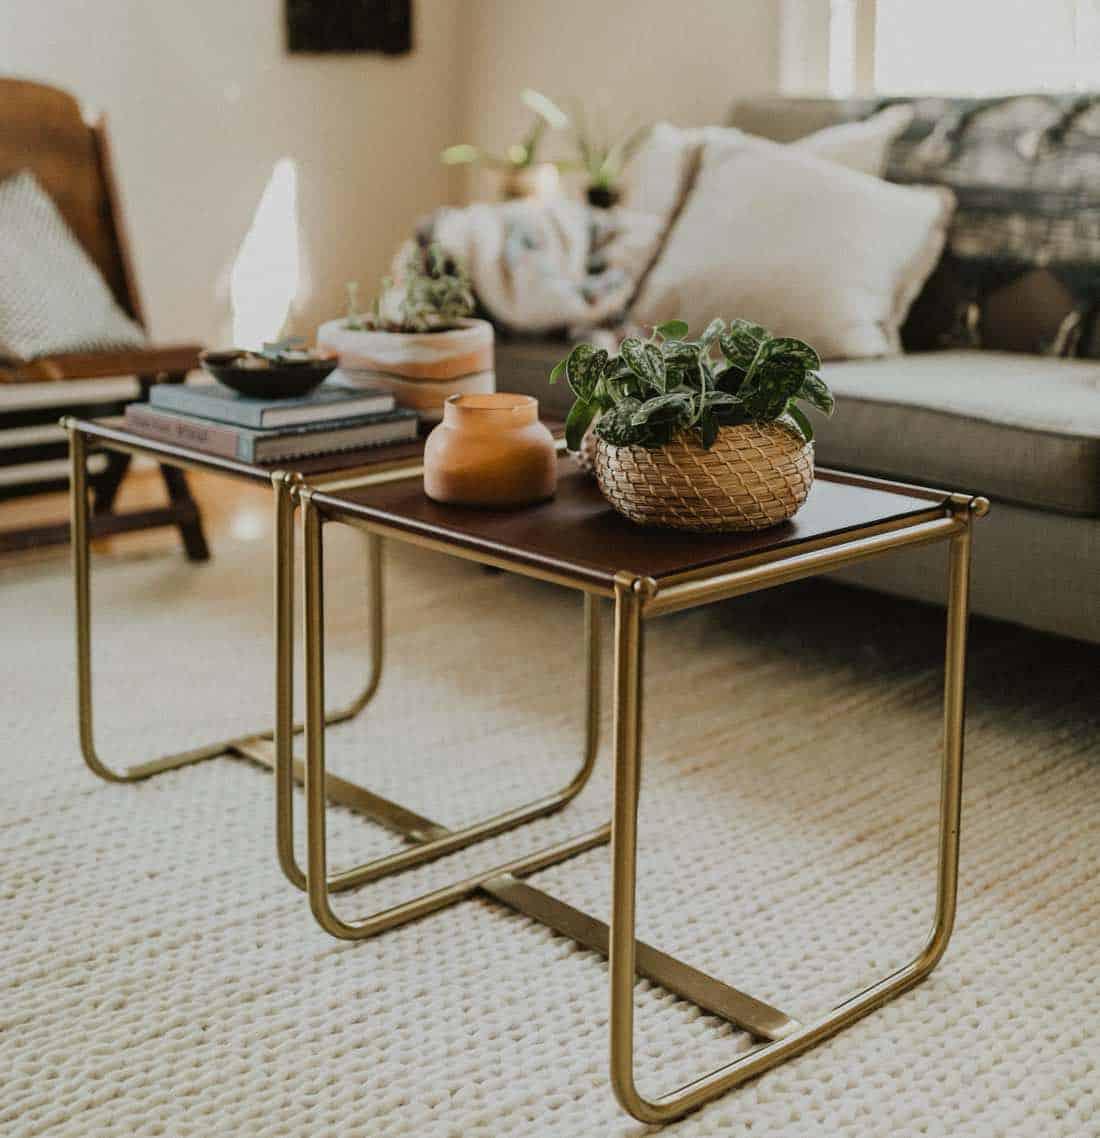 15 idées de table basse pour votre intérieur  Les objets de la maison